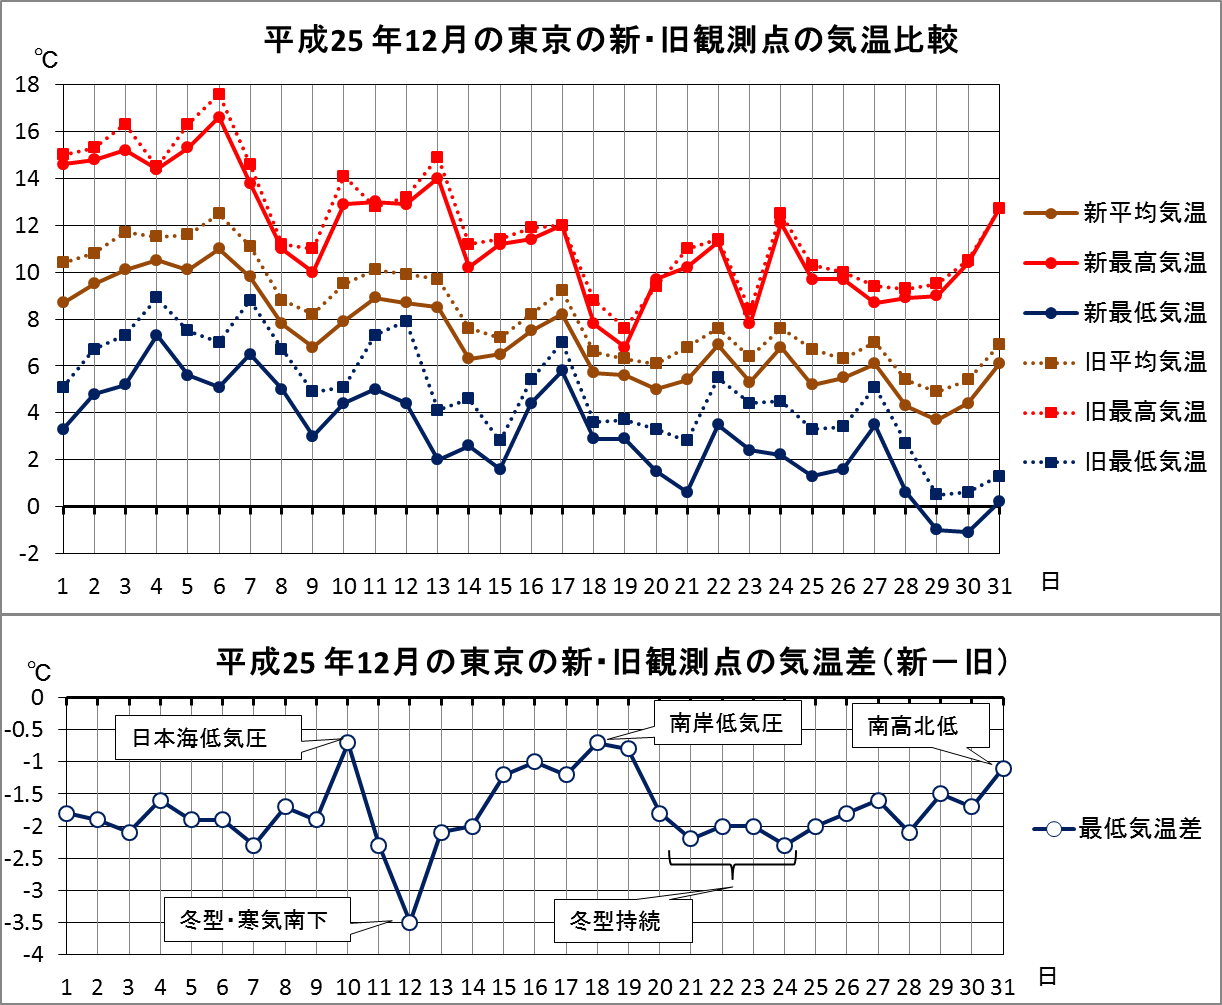 東京の最低気温が下がる_4